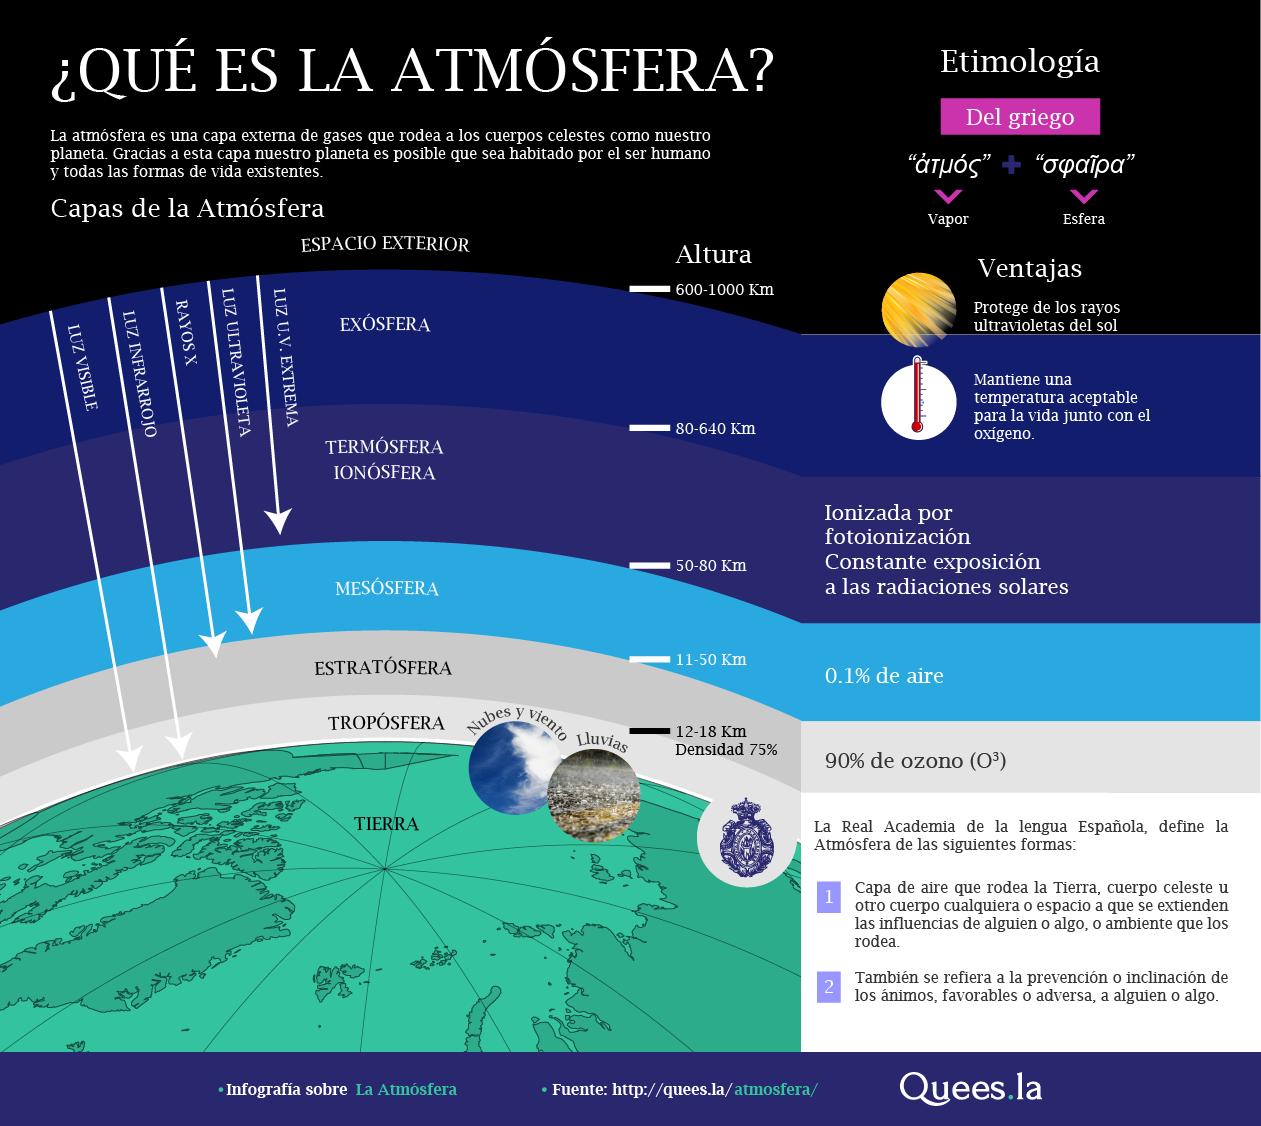 ¿Qué es la atmósfera?